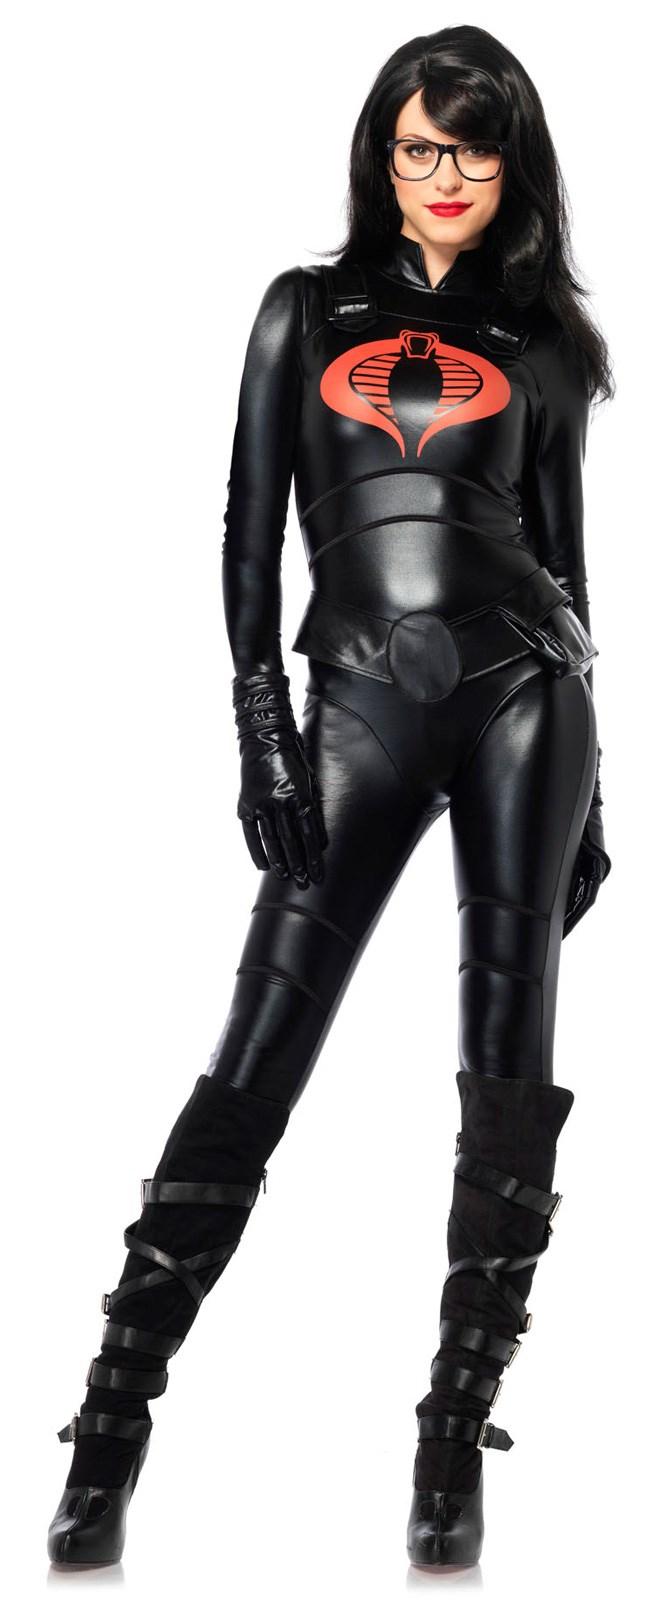 GI Joe – Baroness Costume